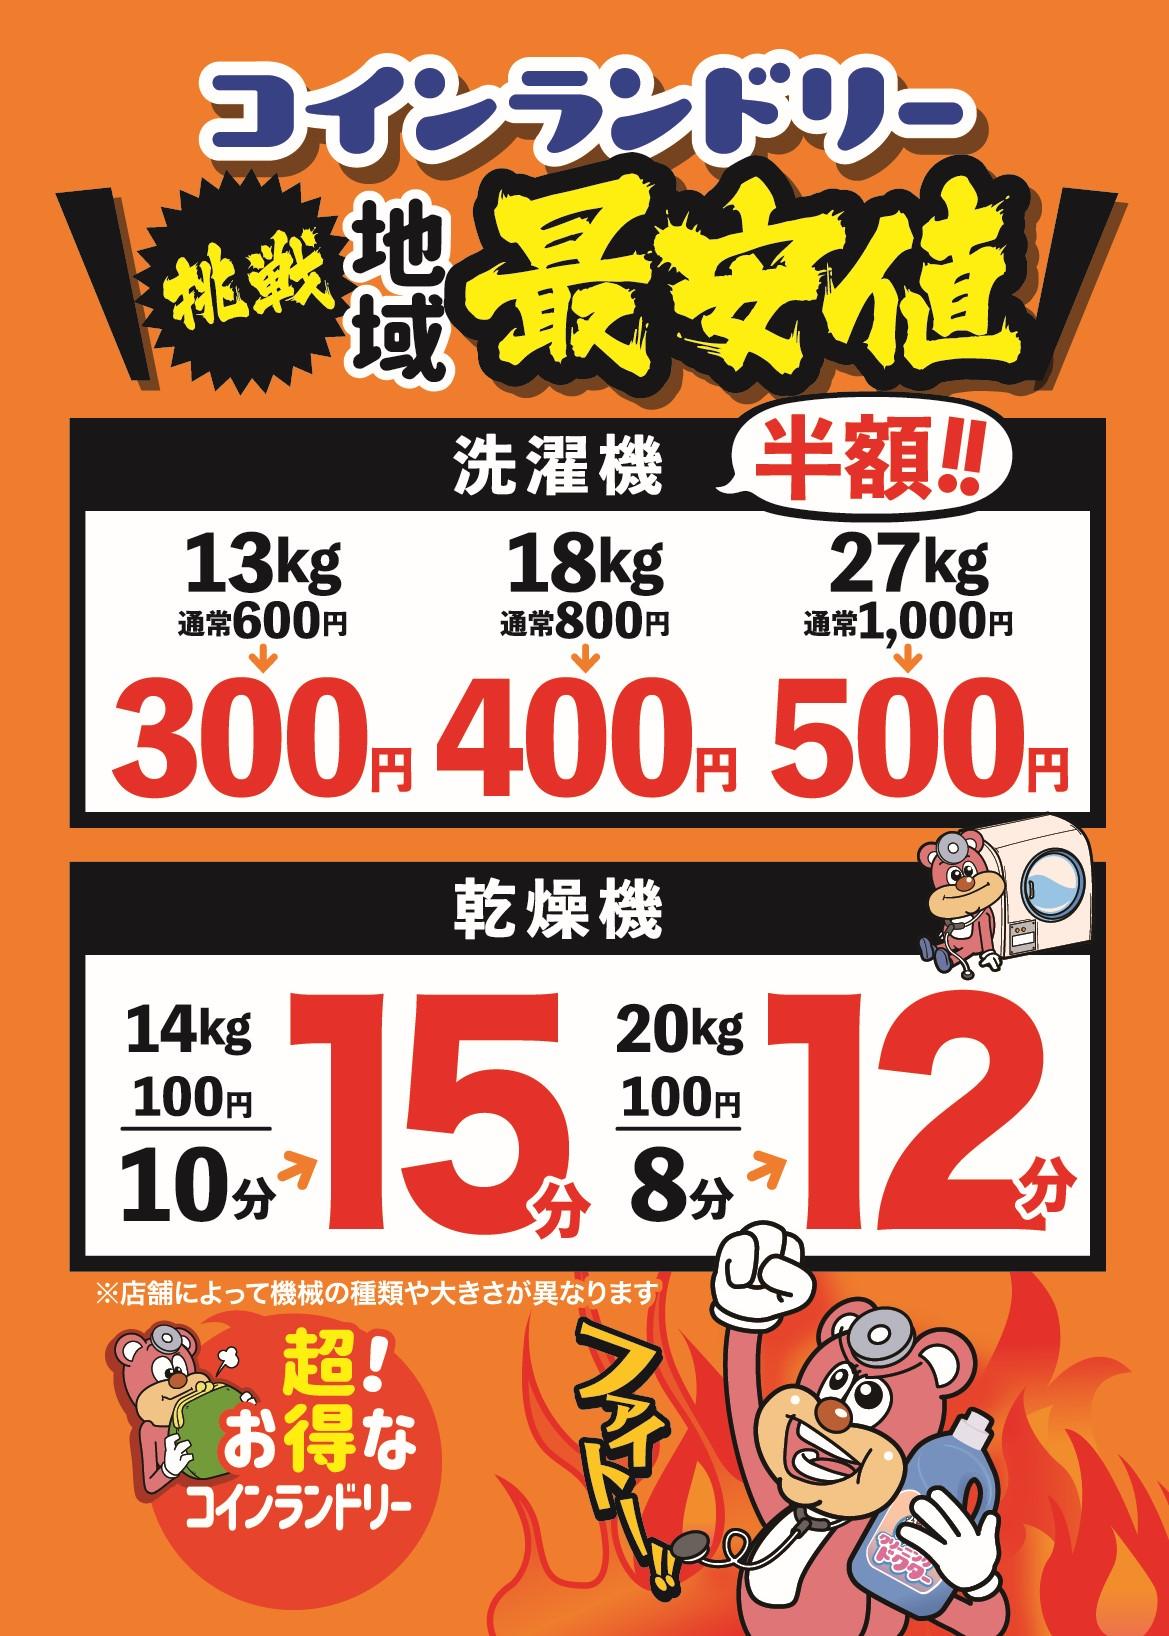 【店舗限定】コインランドリー 挑戦!地域最安値